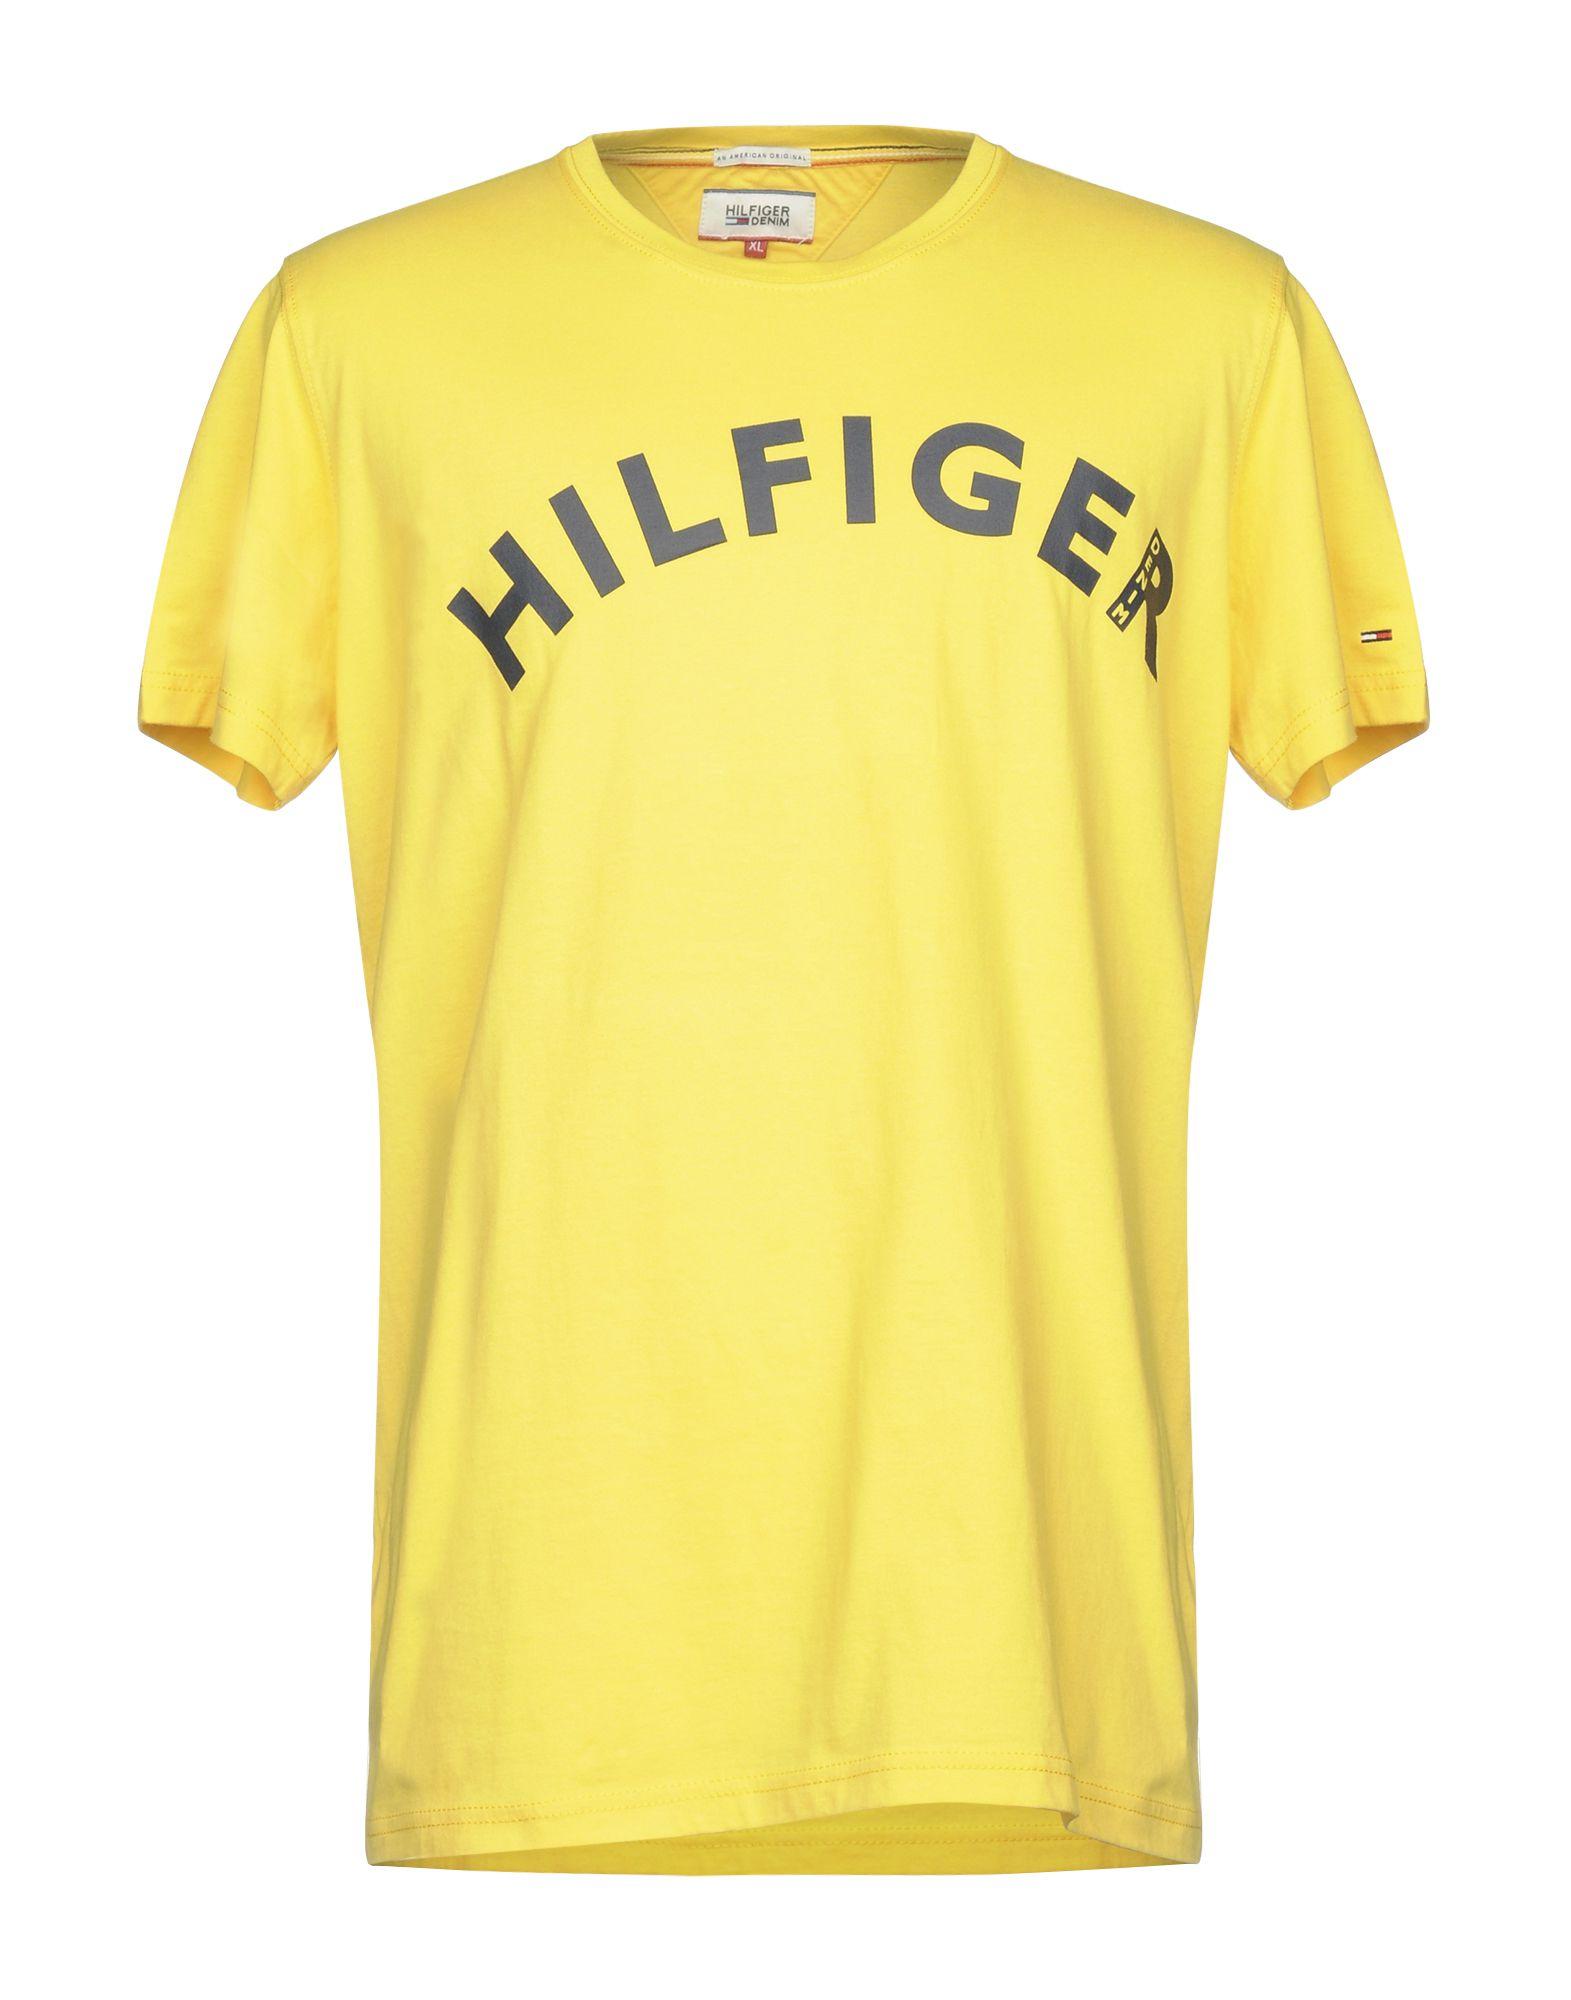 TOMMY HILFIGER DENIM Футболка футболка tommy hilfiger denim tommy hilfiger denim to013ewprh21